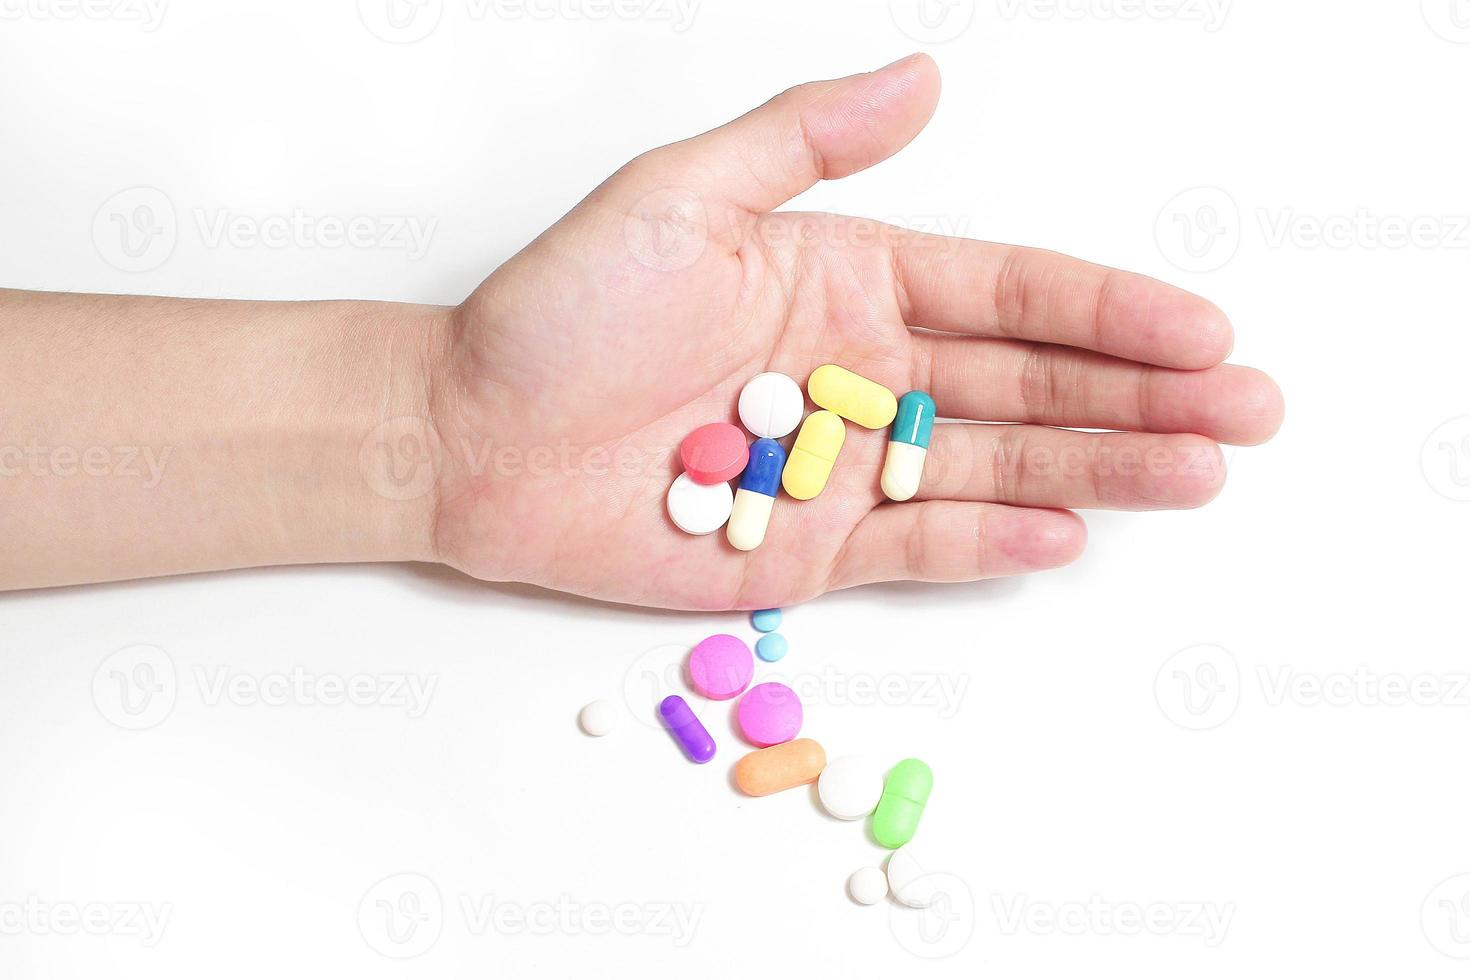 handen håller många mediciner, lådor med mediciner i bakgrunden foto